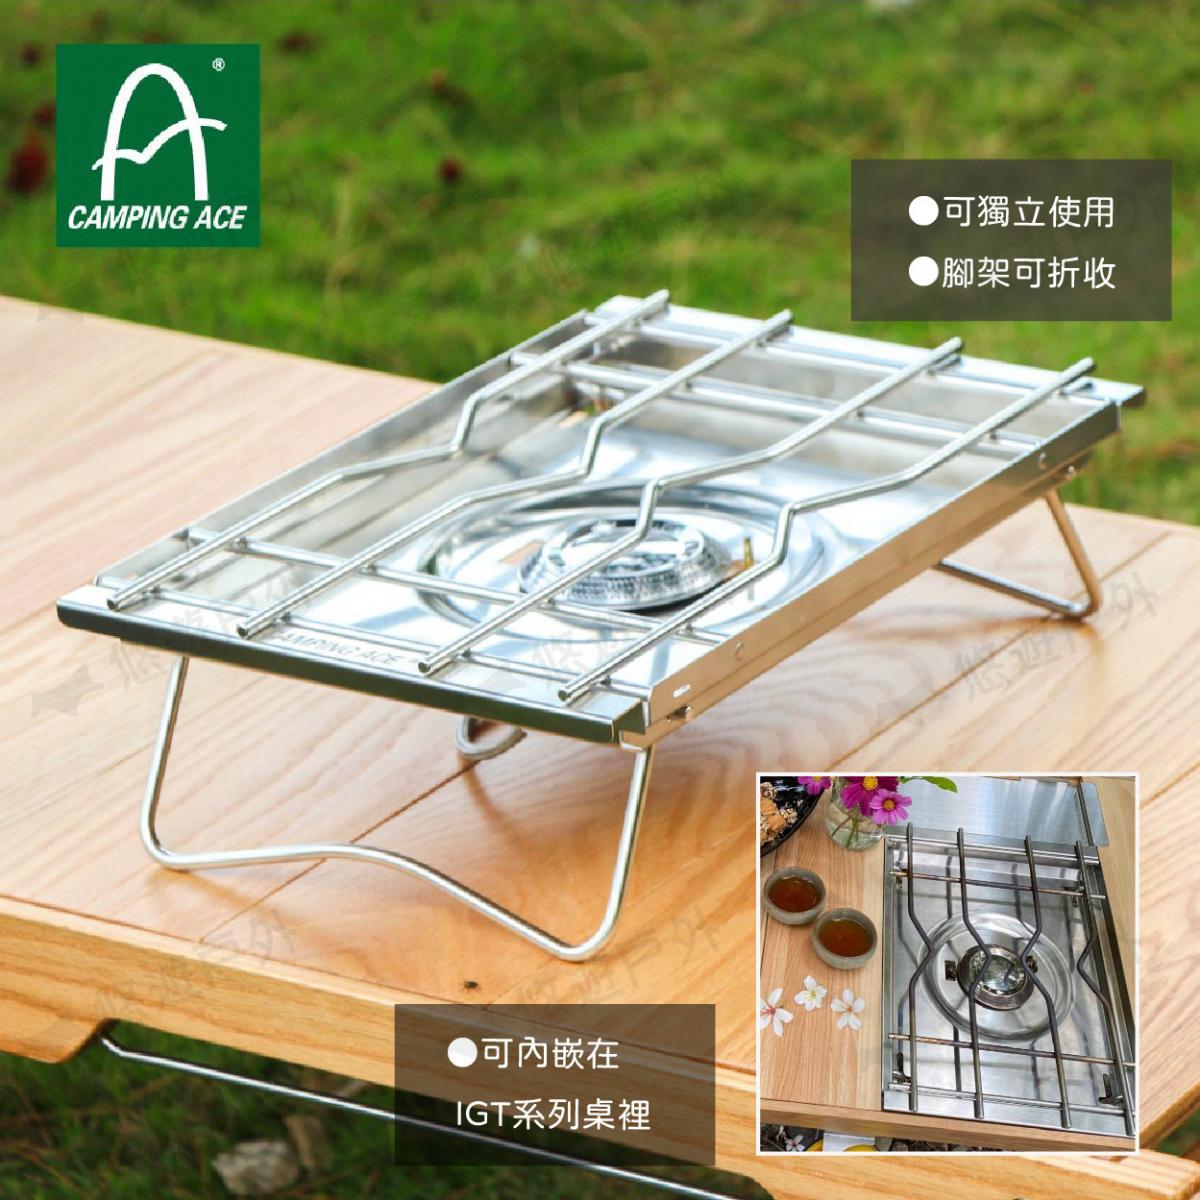 【野樂】單口爐 ARC-202 台灣製 單口爐 瓦斯爐 露營 野營 304不銹銹鋼 IGT 2